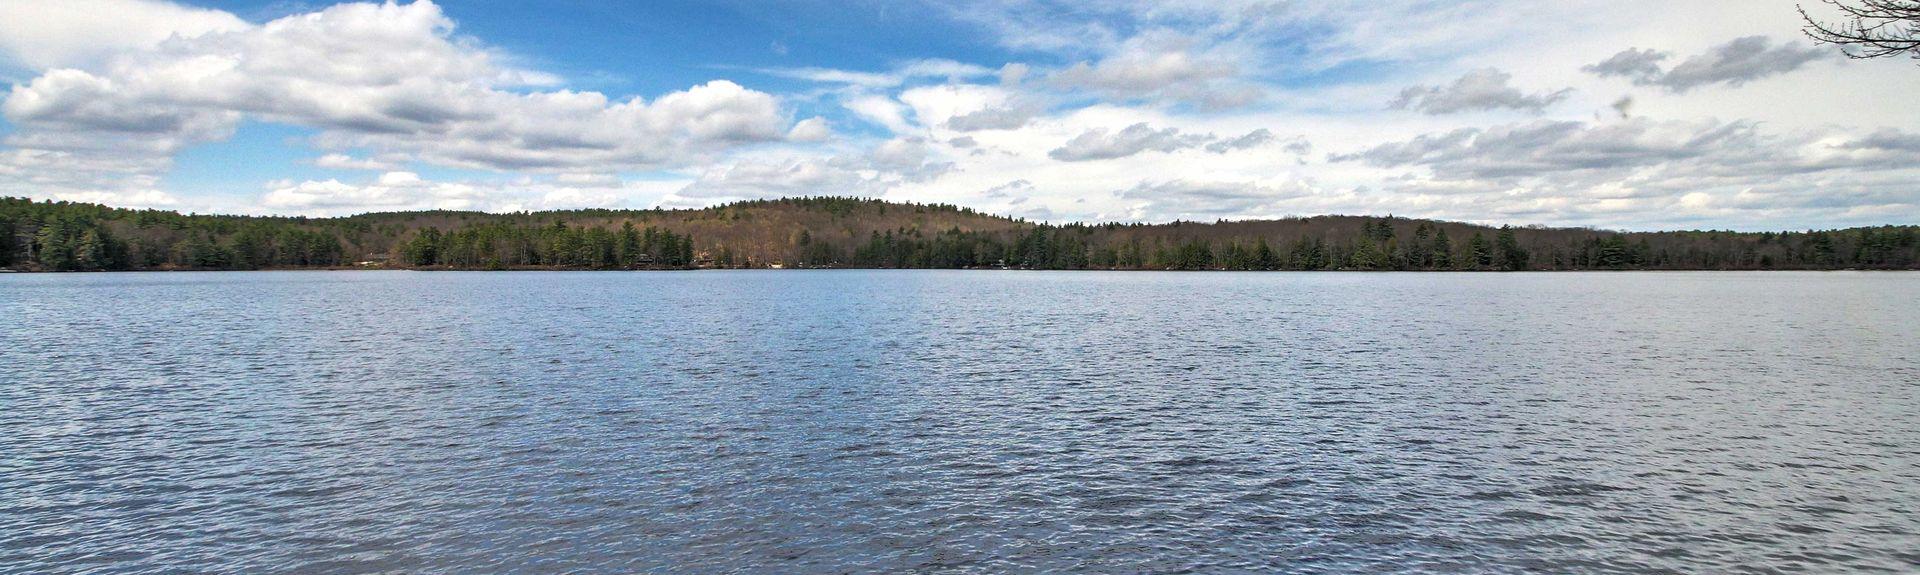 Mont Vernon, New Hampshire, États-Unis d'Amérique